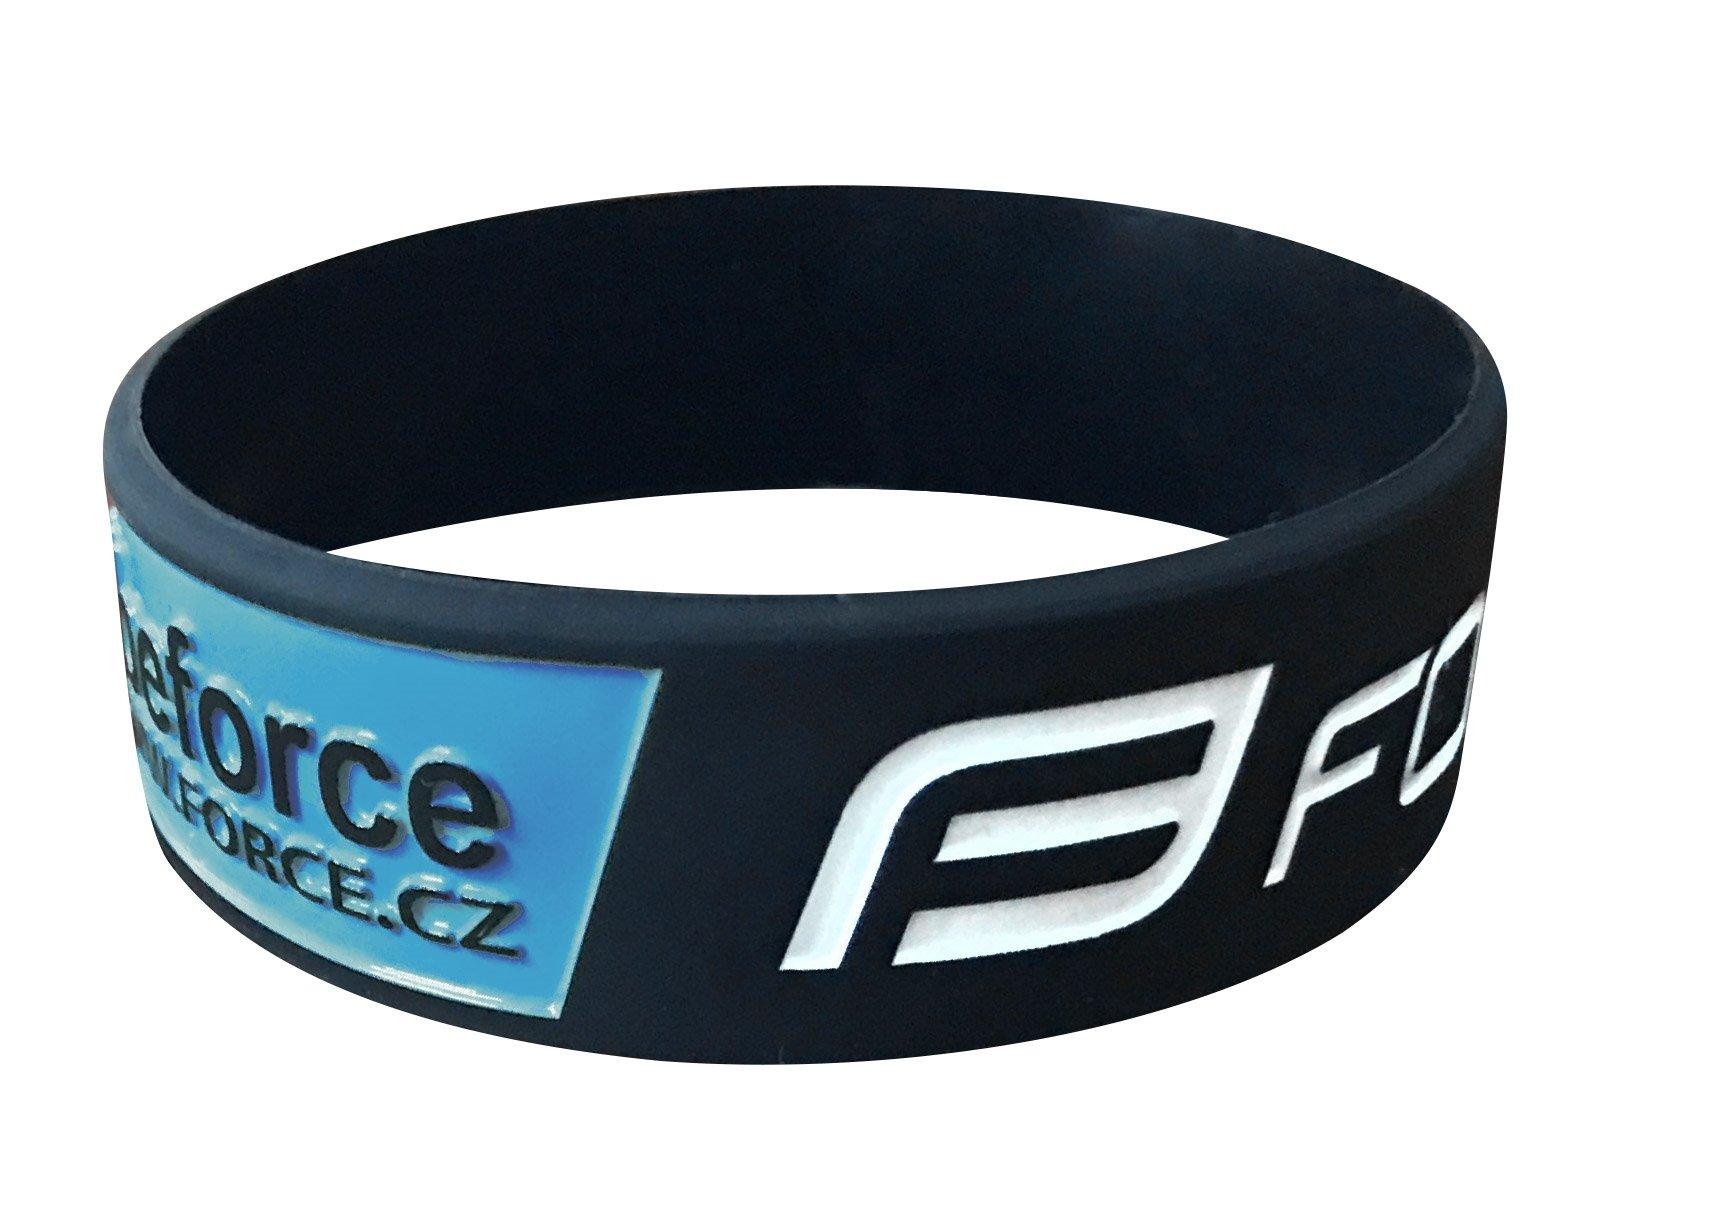 Force silikone armbånd, sort/blå/hvid | item_misc